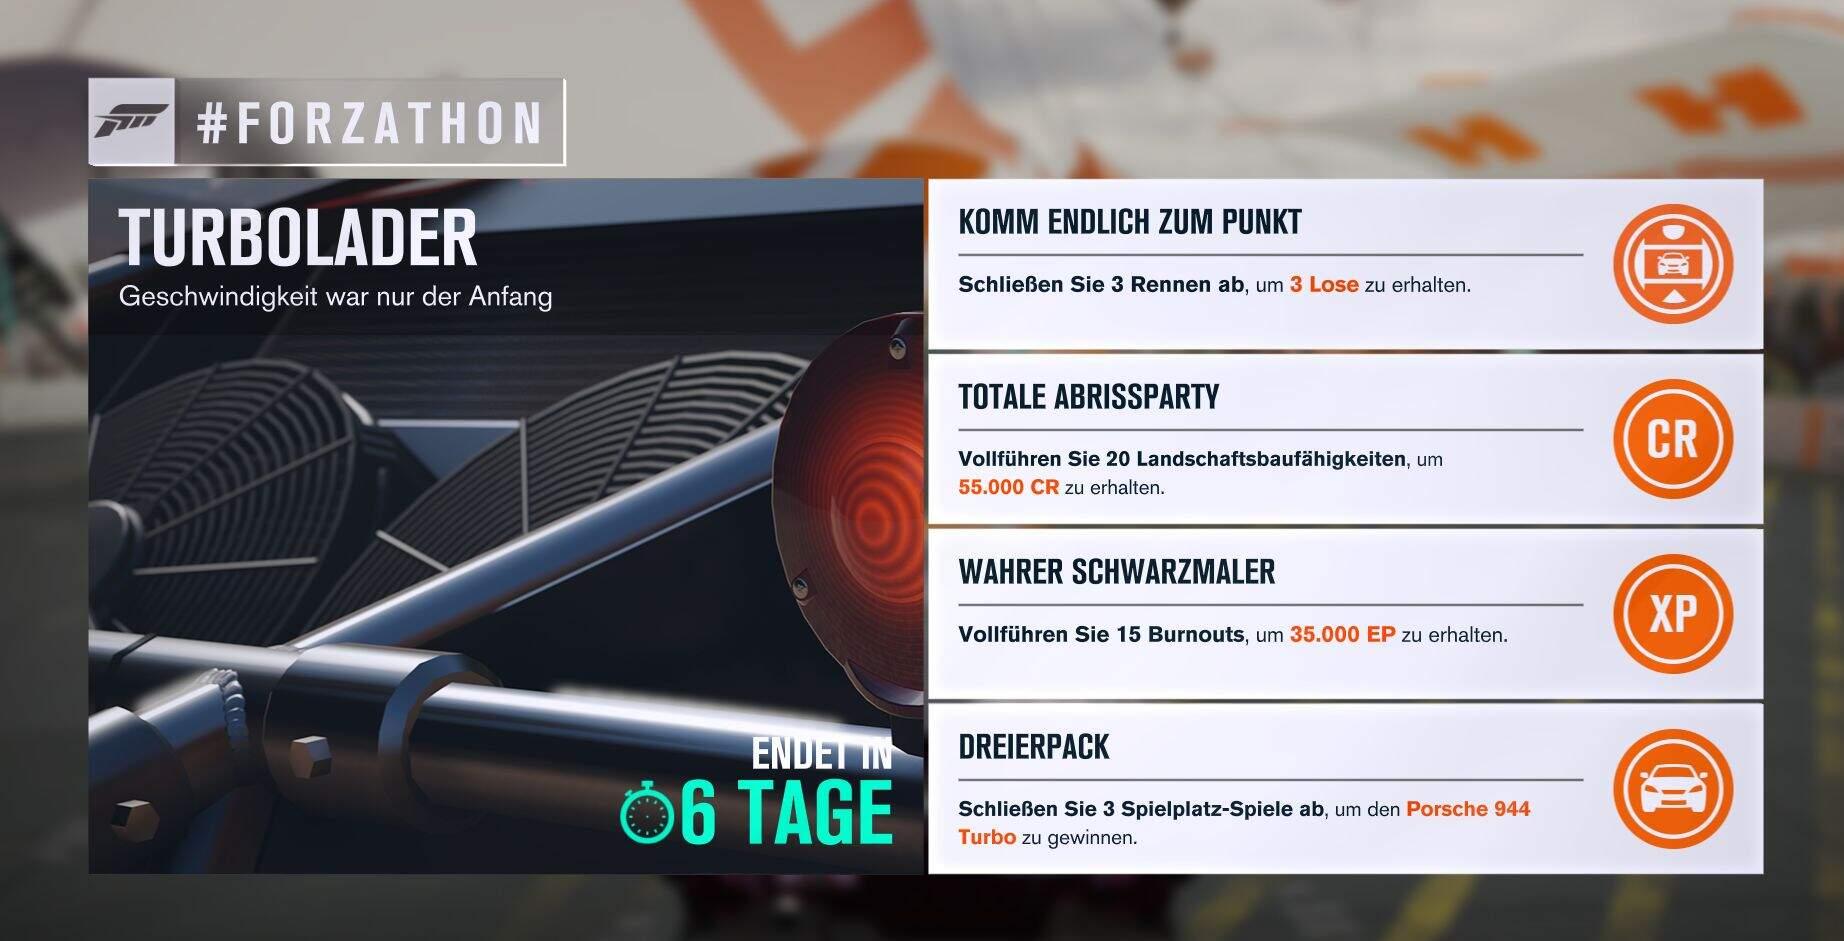 Forza Horizon 3 #Forzathon Guide KW 25 – Turbolader